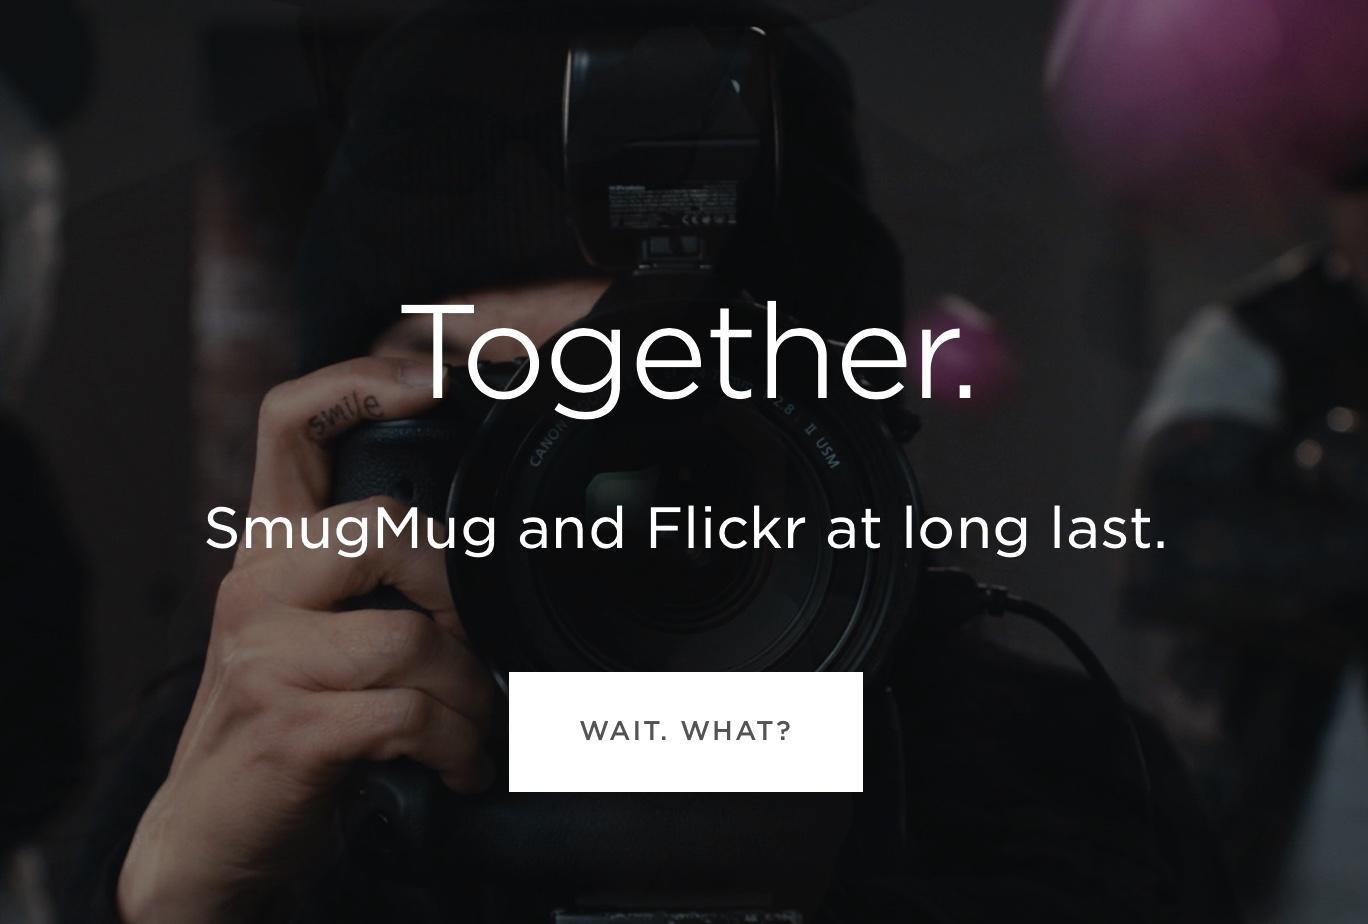 http://thedigitalstory.com/2018/07/10/flickr-smugmug.jpg